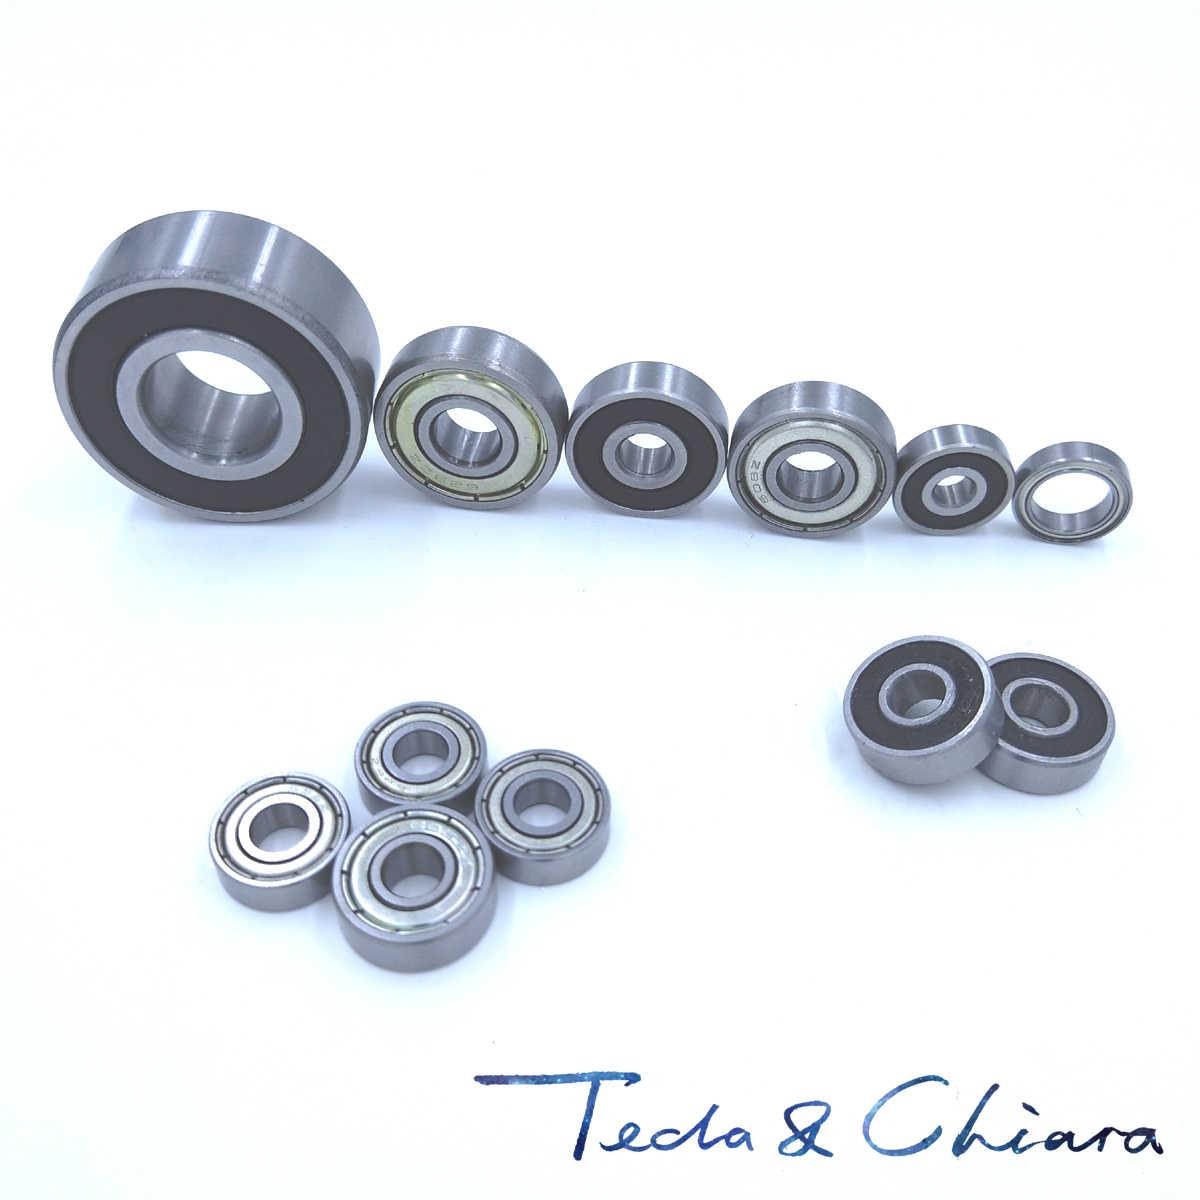 696-2RS Bearing 6 x 15 x 5 mm Metric Quality Bearings